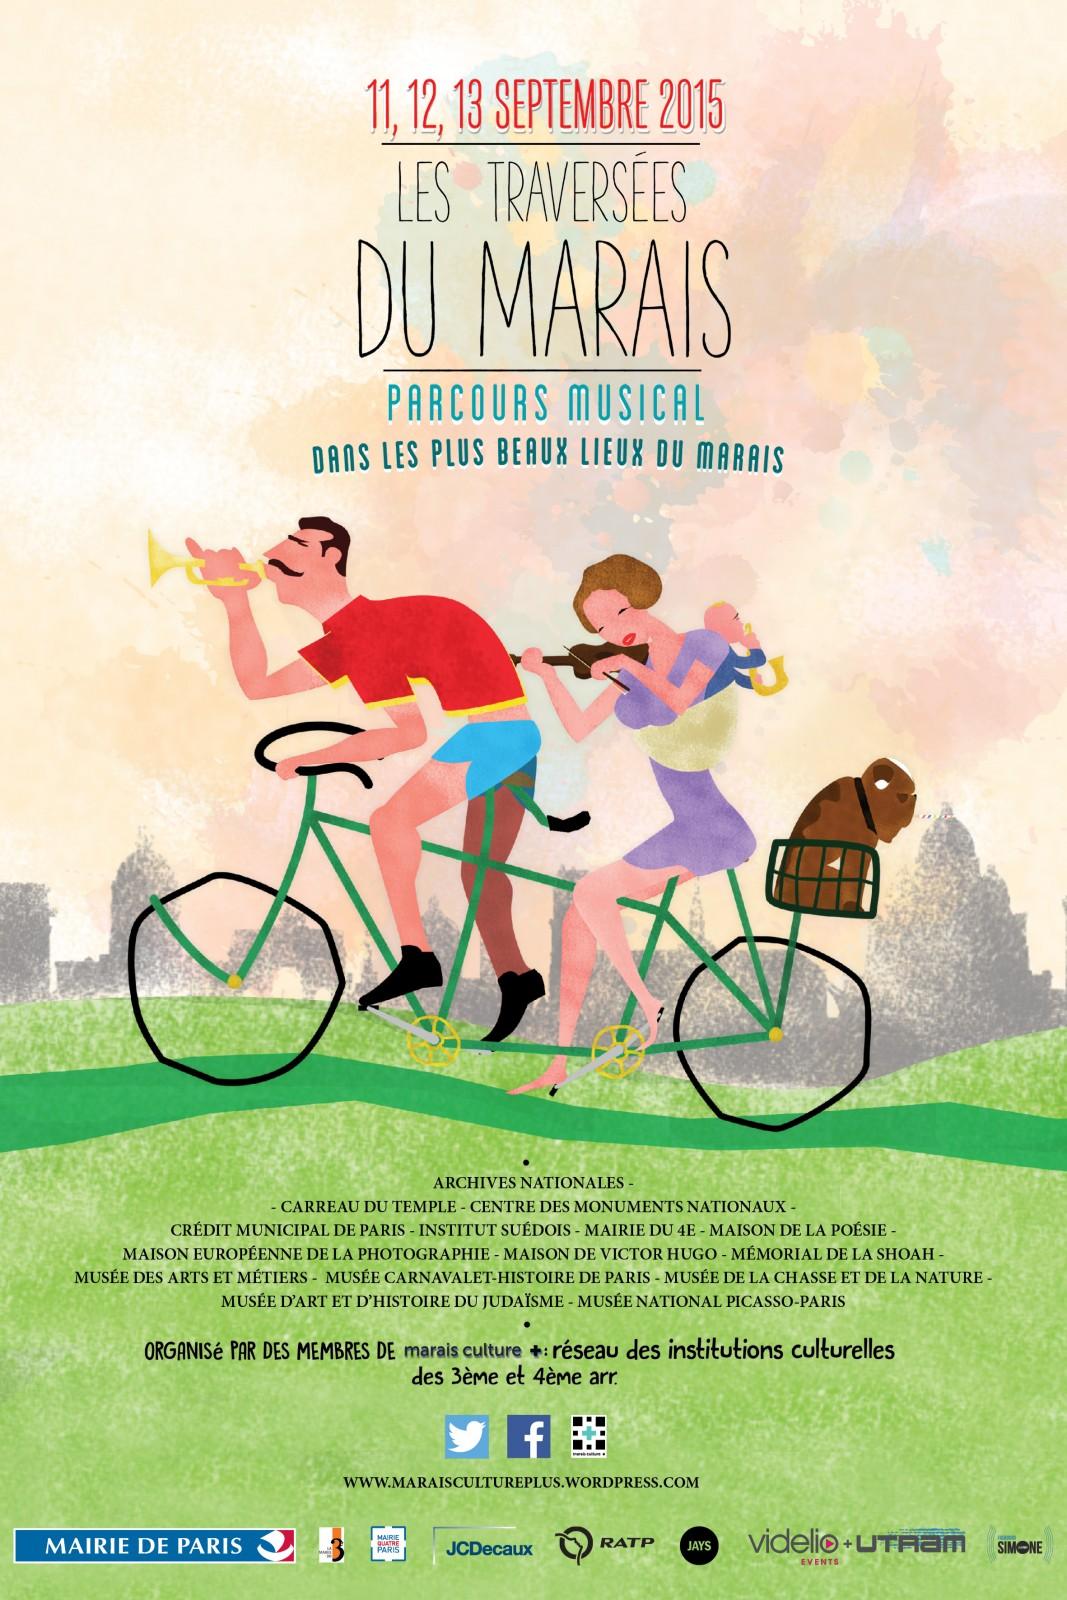 Affiche festival les Traversées du marais parcours musical dans les plus beaux lieux du marais 11 12 13 septembre 2015 organisé par Marais Culture + 3e et 4e arrondissement mairie de Paris